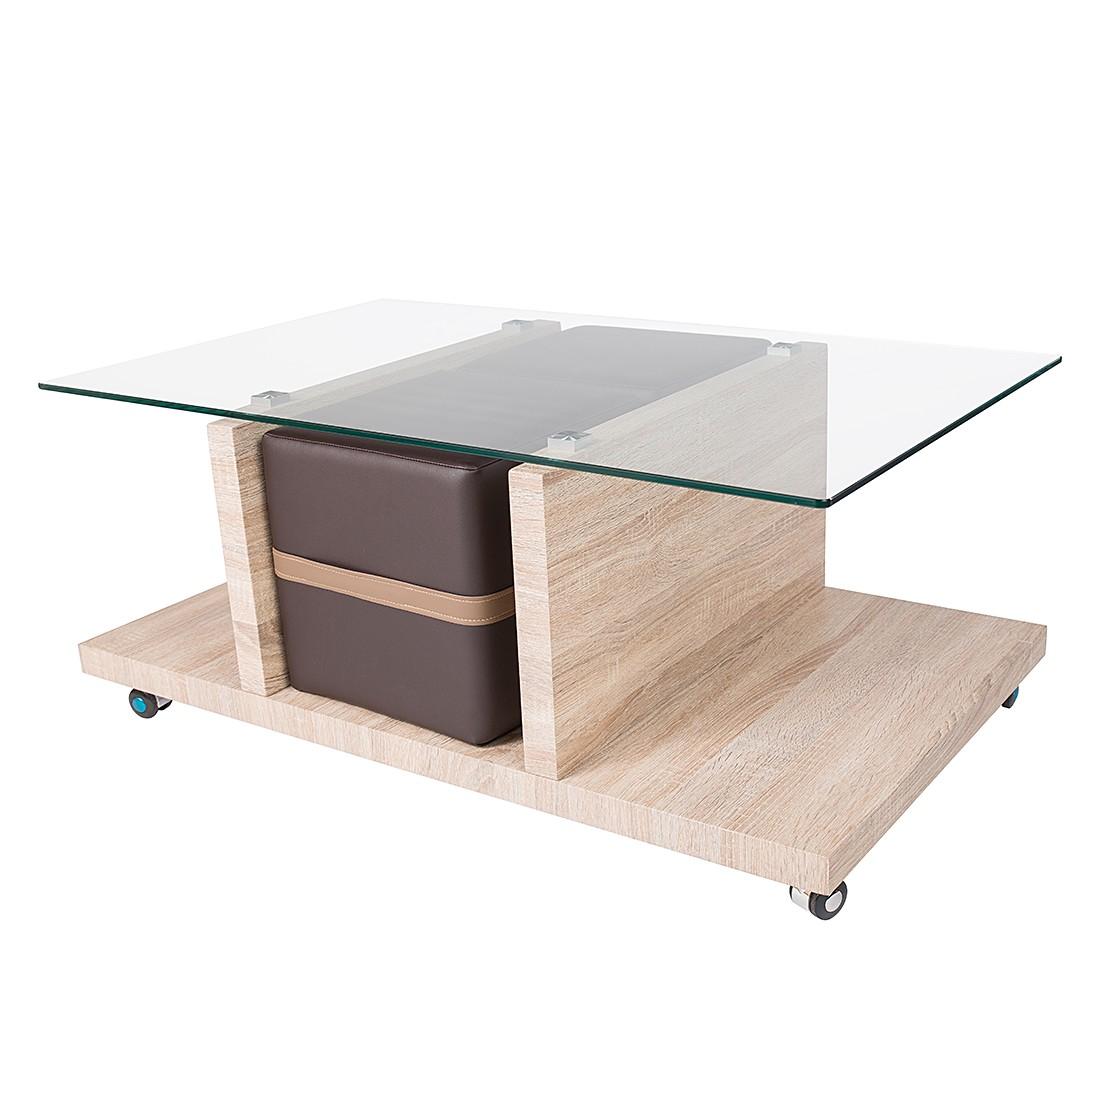 couchtisch imatra h henverstellbar sonoma eiche hell. Black Bedroom Furniture Sets. Home Design Ideas